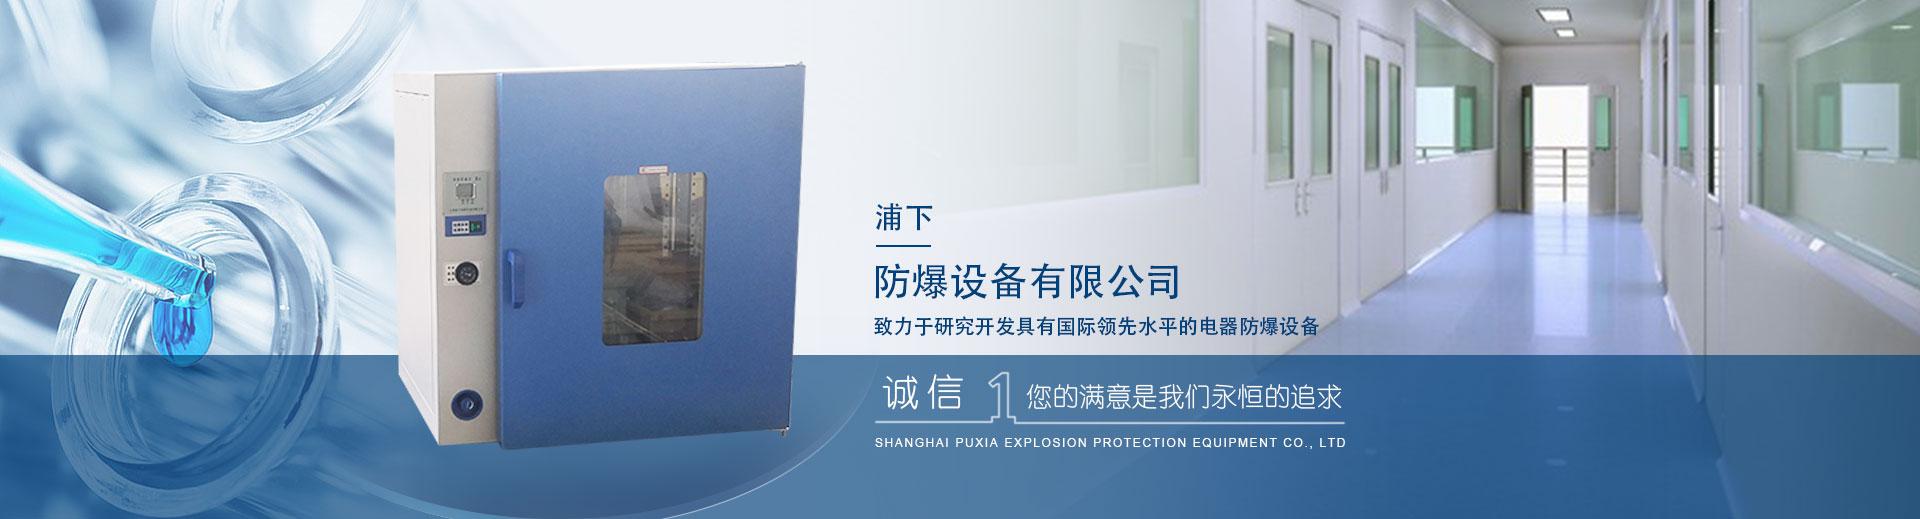 防爆真空包装机_上海浦下防爆设备有限公司